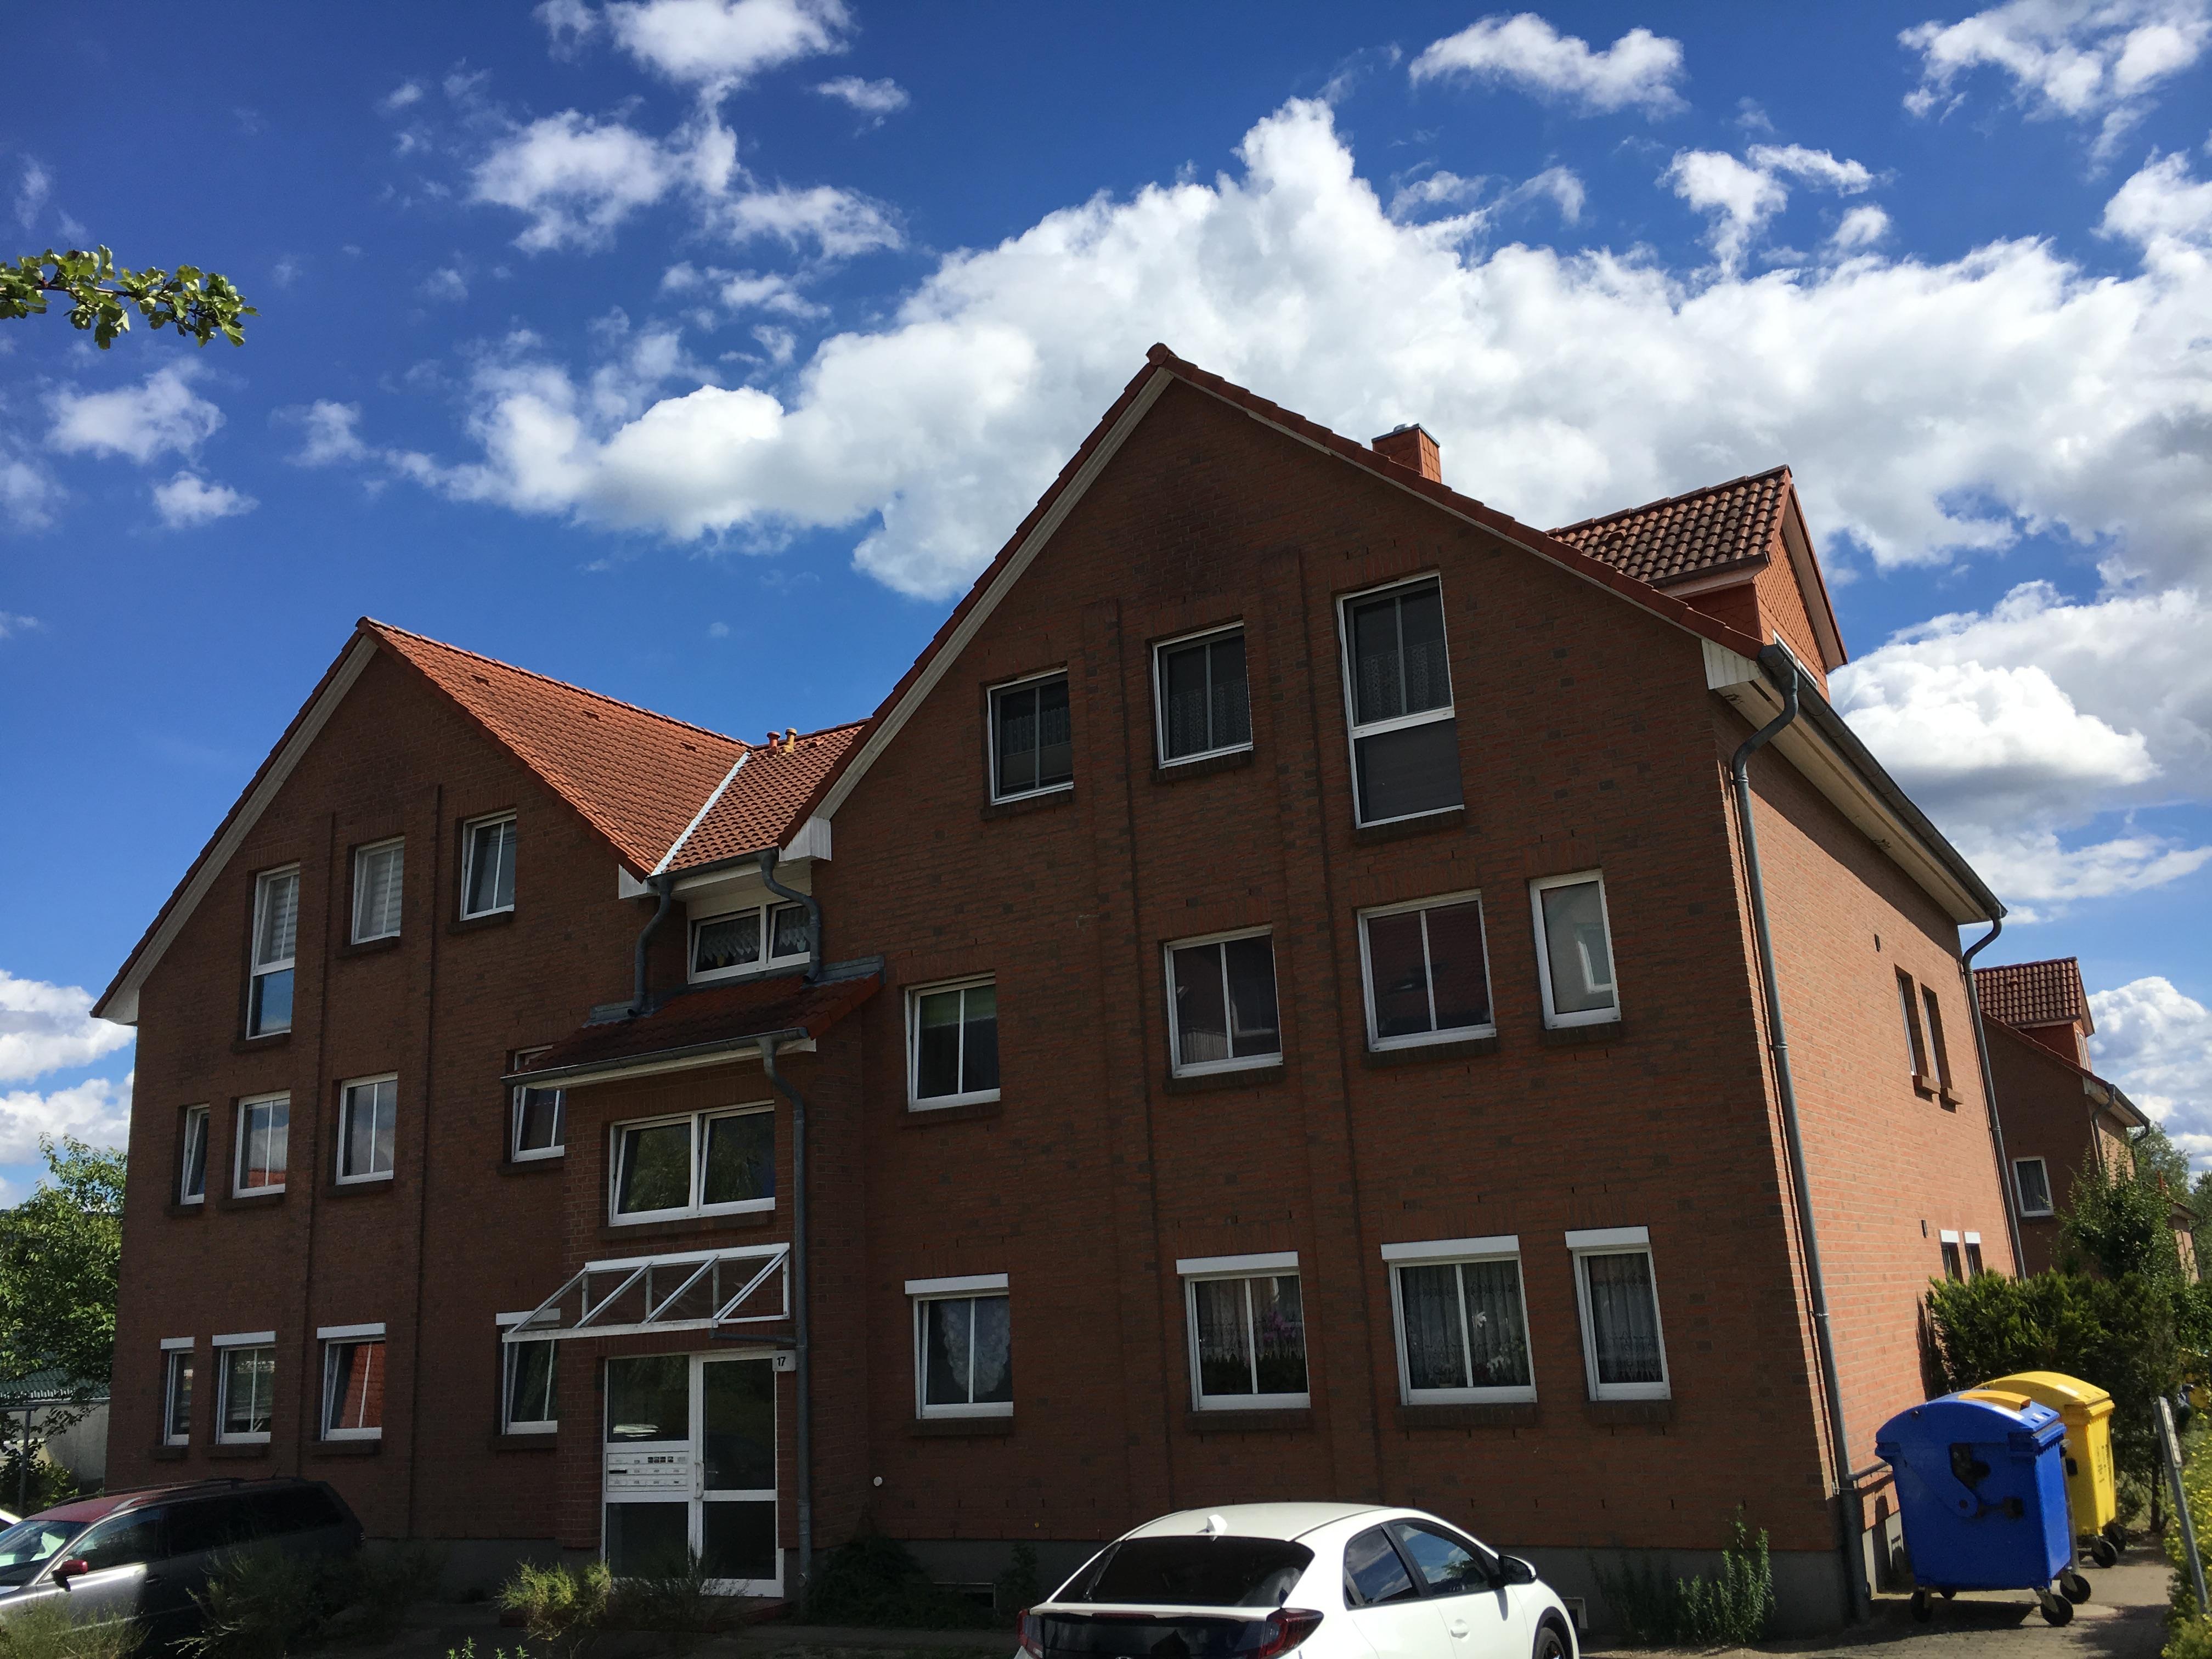 Mecklenburger Allee 19